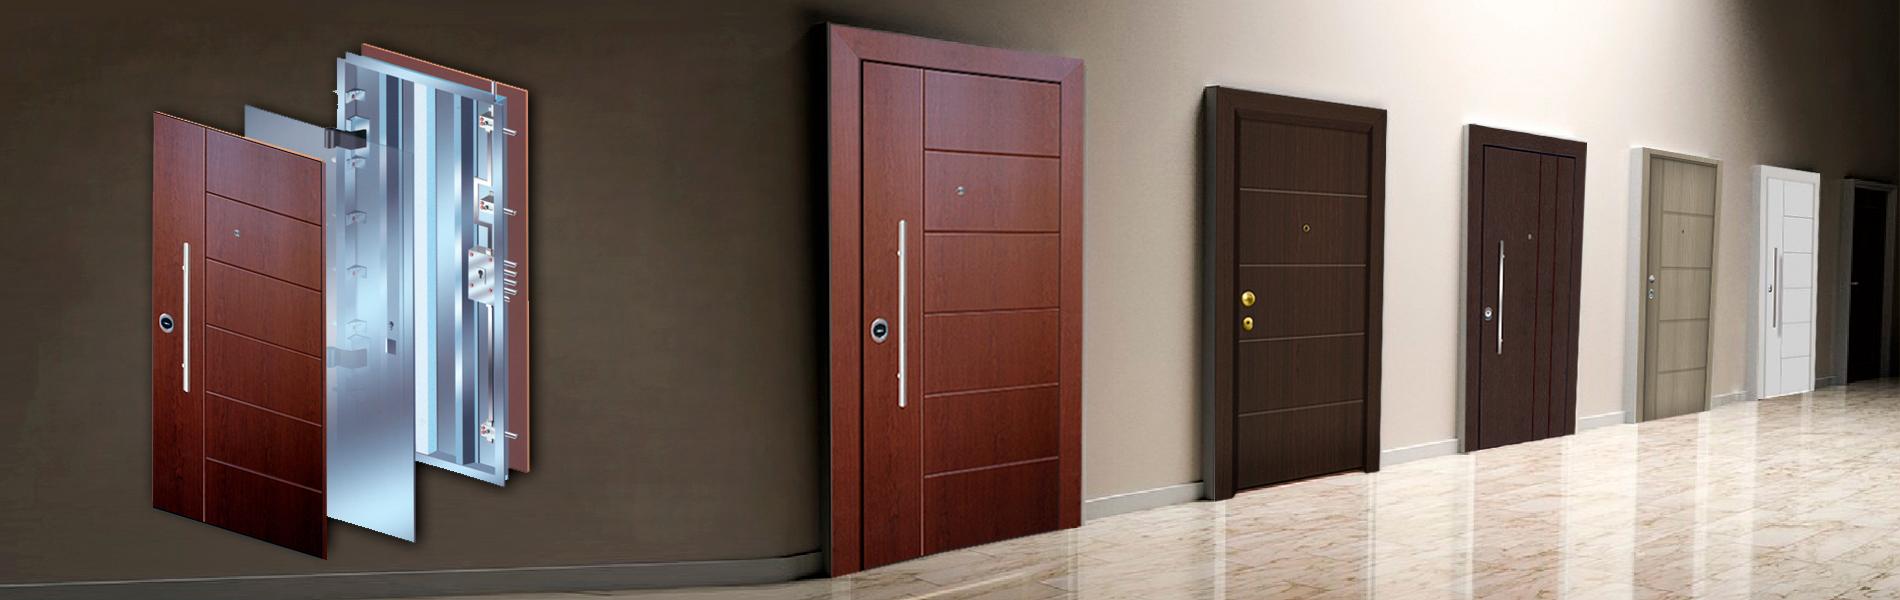 πορτες-ασφαλειας-Β